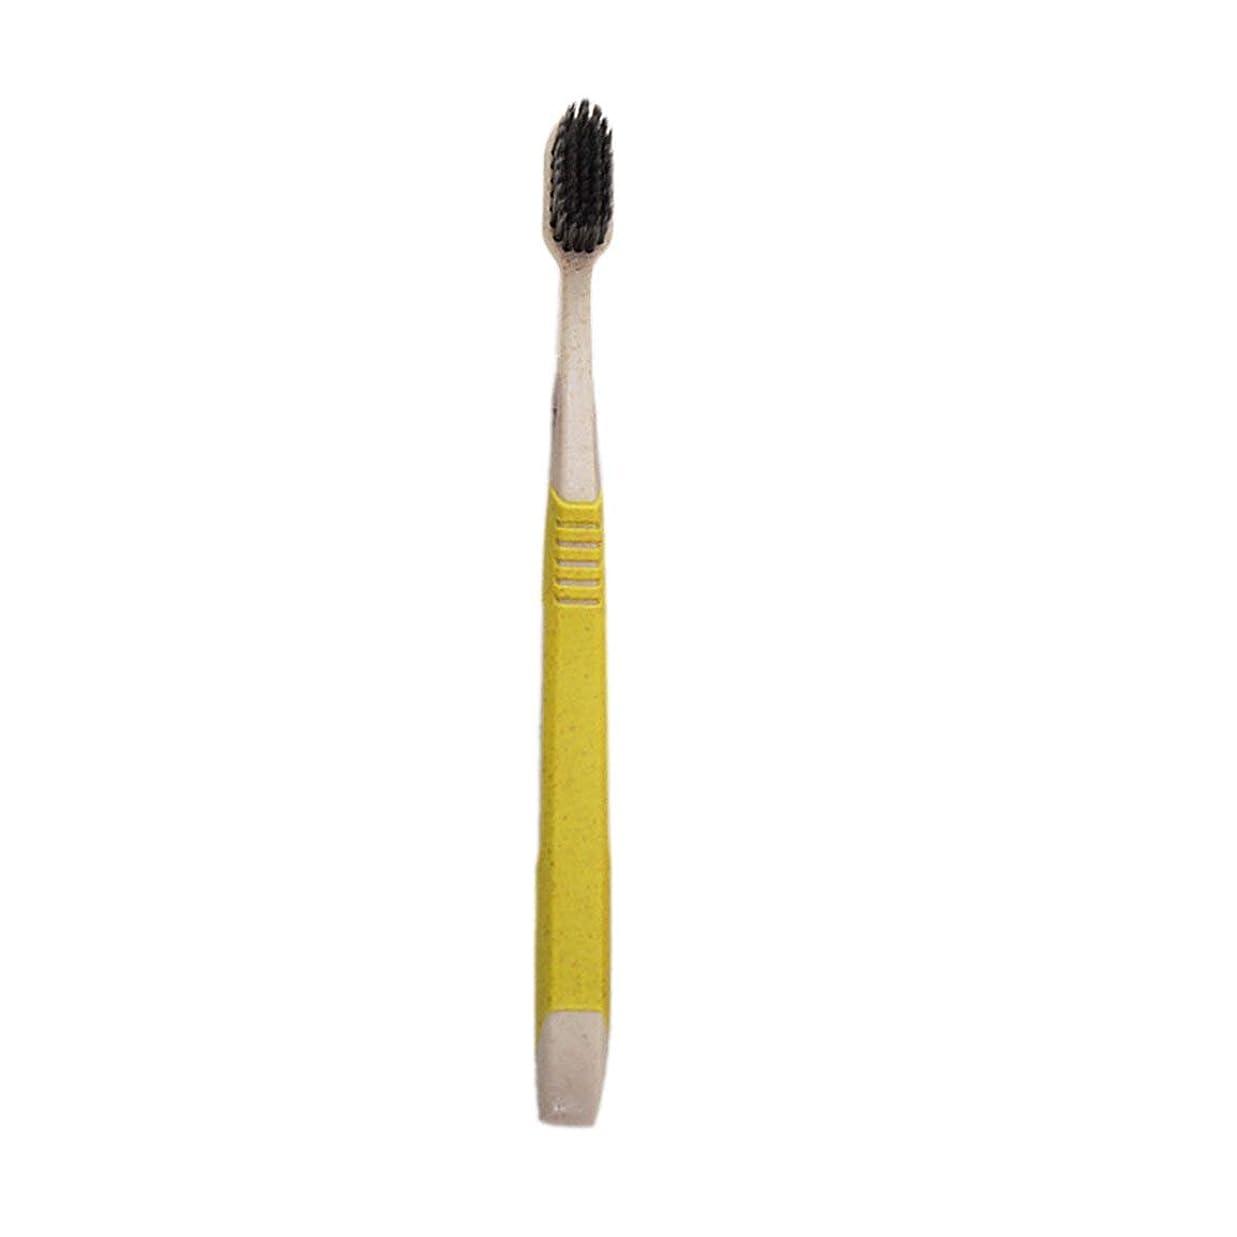 対角線十分結論K-666小麦わらの歯ブラシ歯のクリーニングブラシ竹炭毛ブラシ環境にやさしいブラシ歯のケア - 黄色